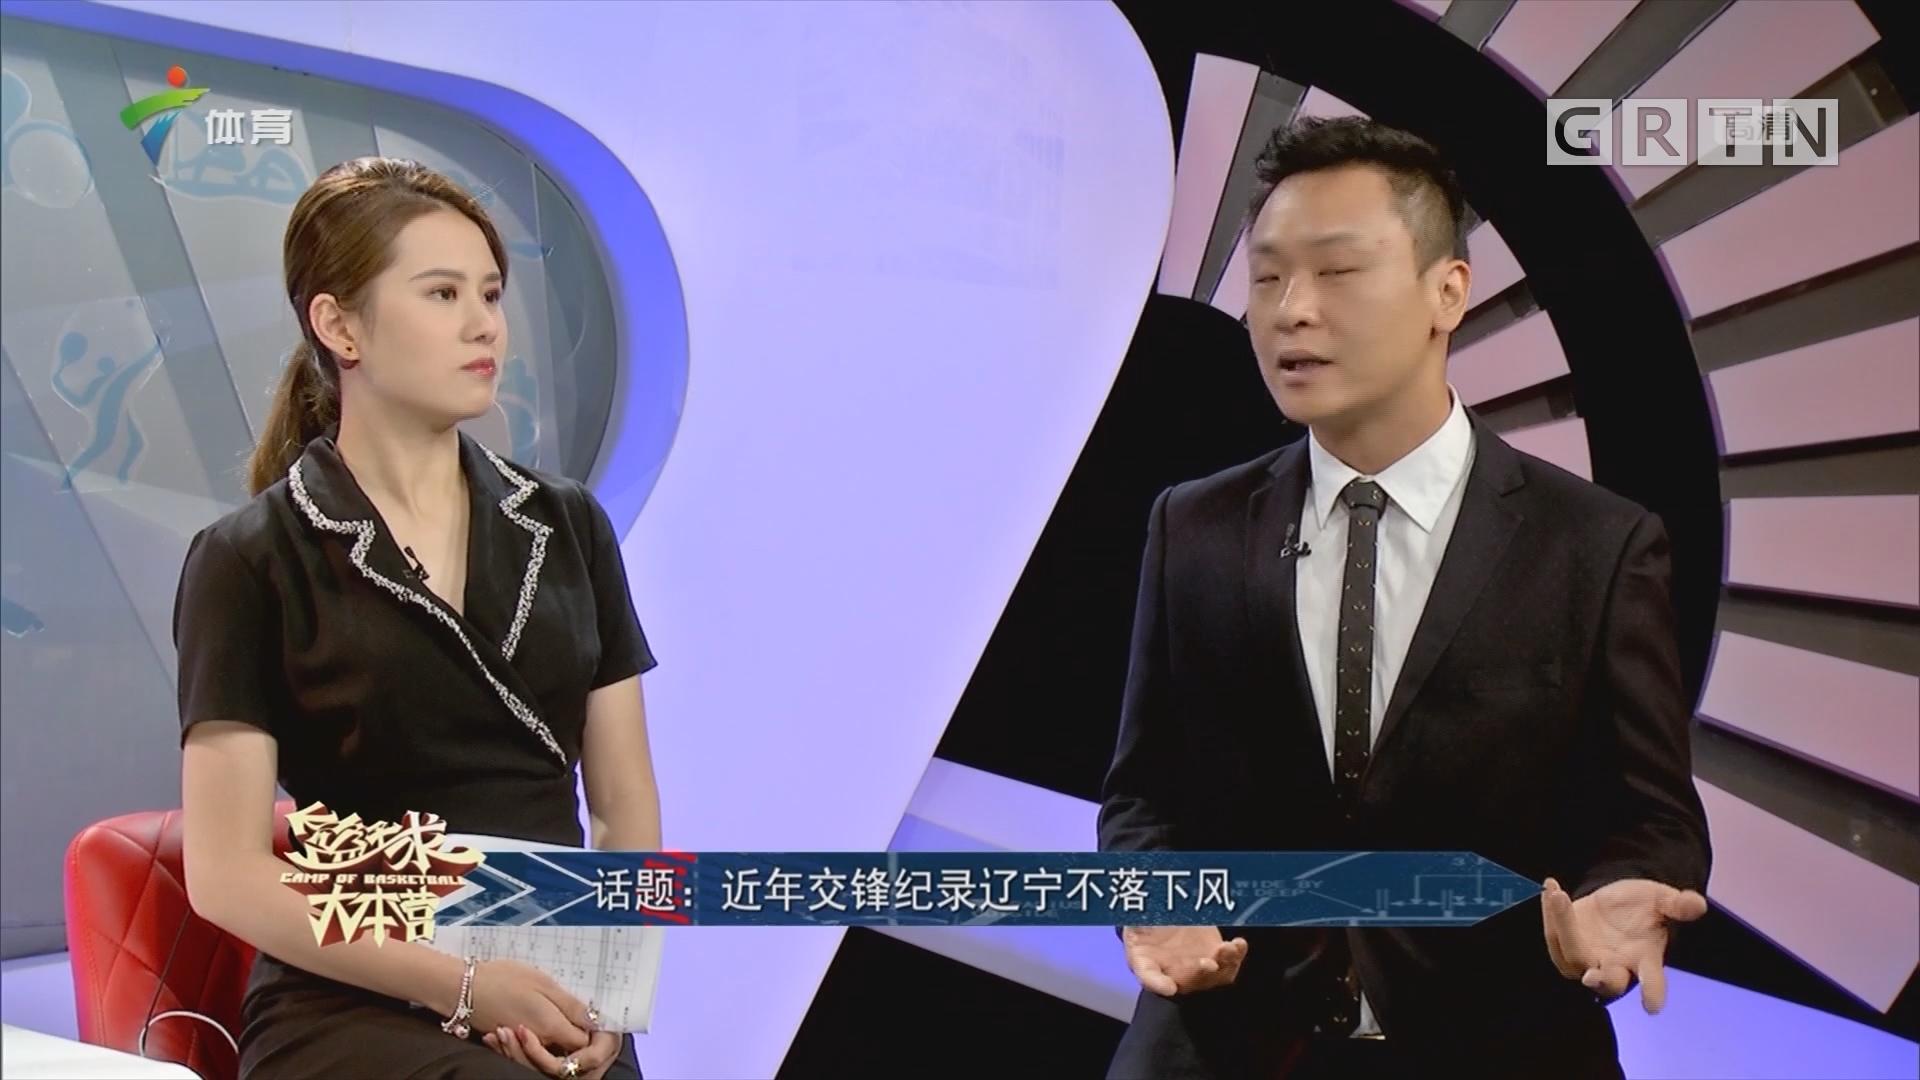 话题:近年交锋纪录辽宁不落下风